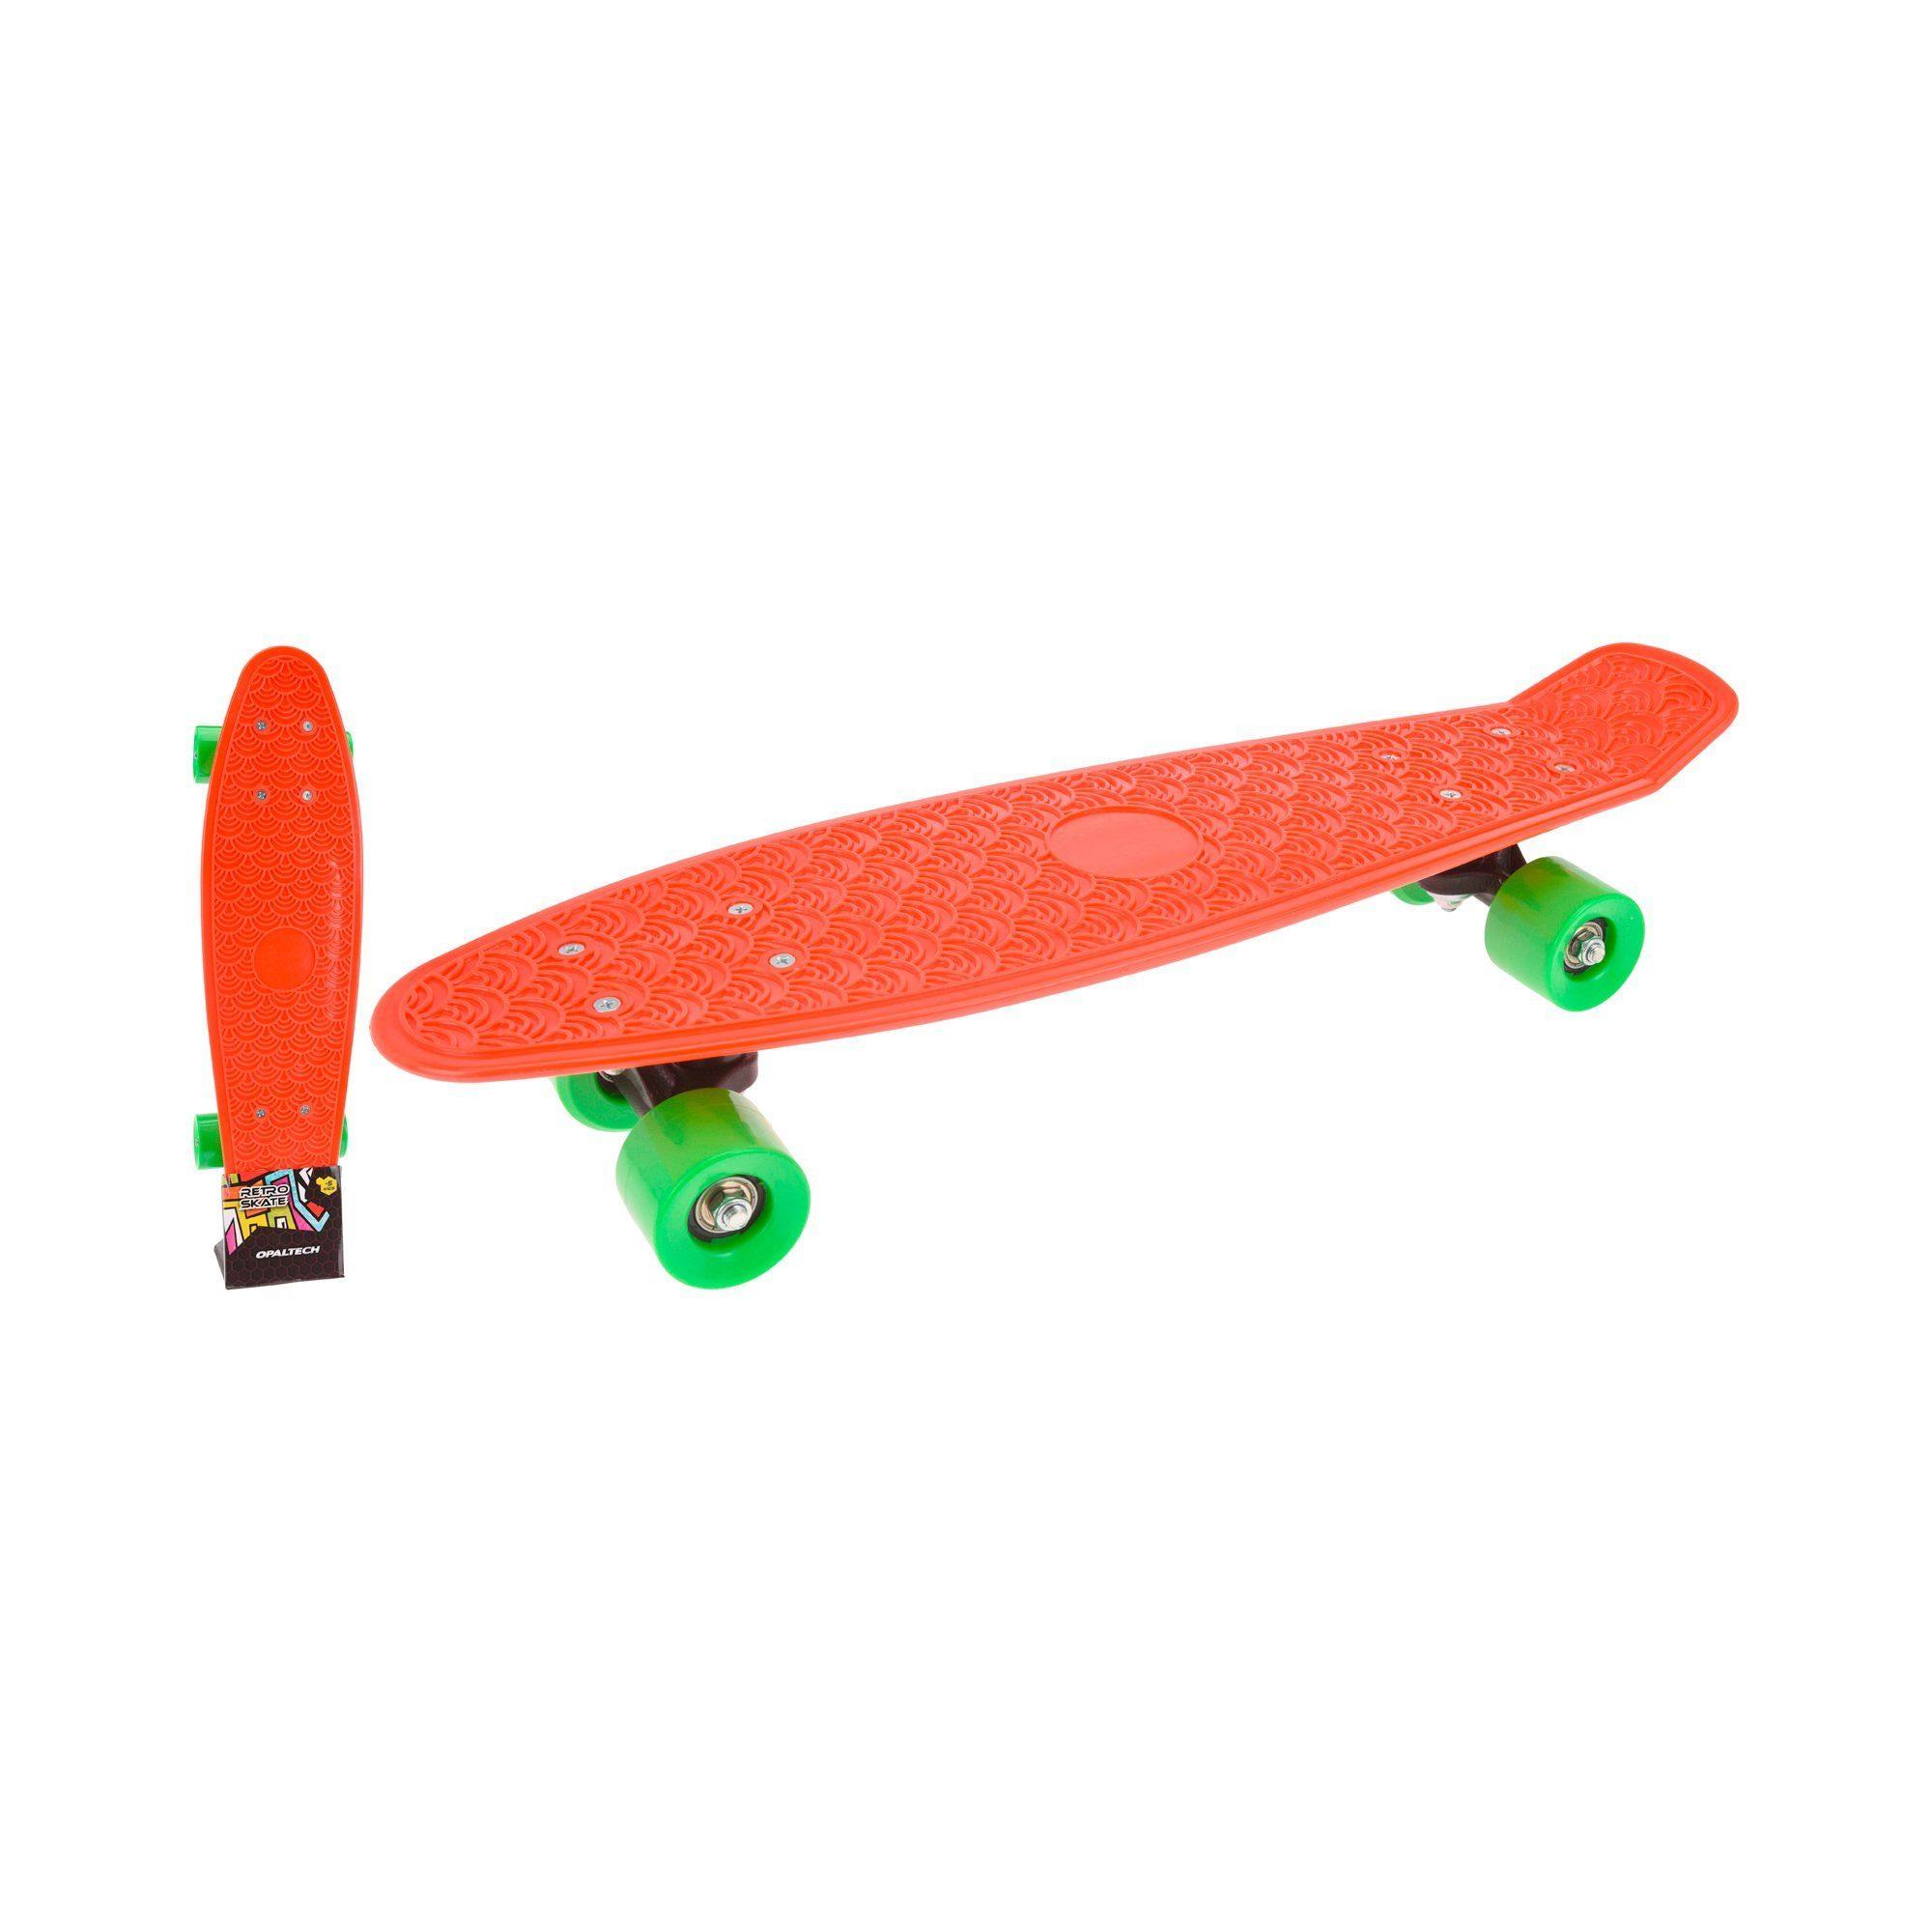 BABY-WALZ Skateboard Retro